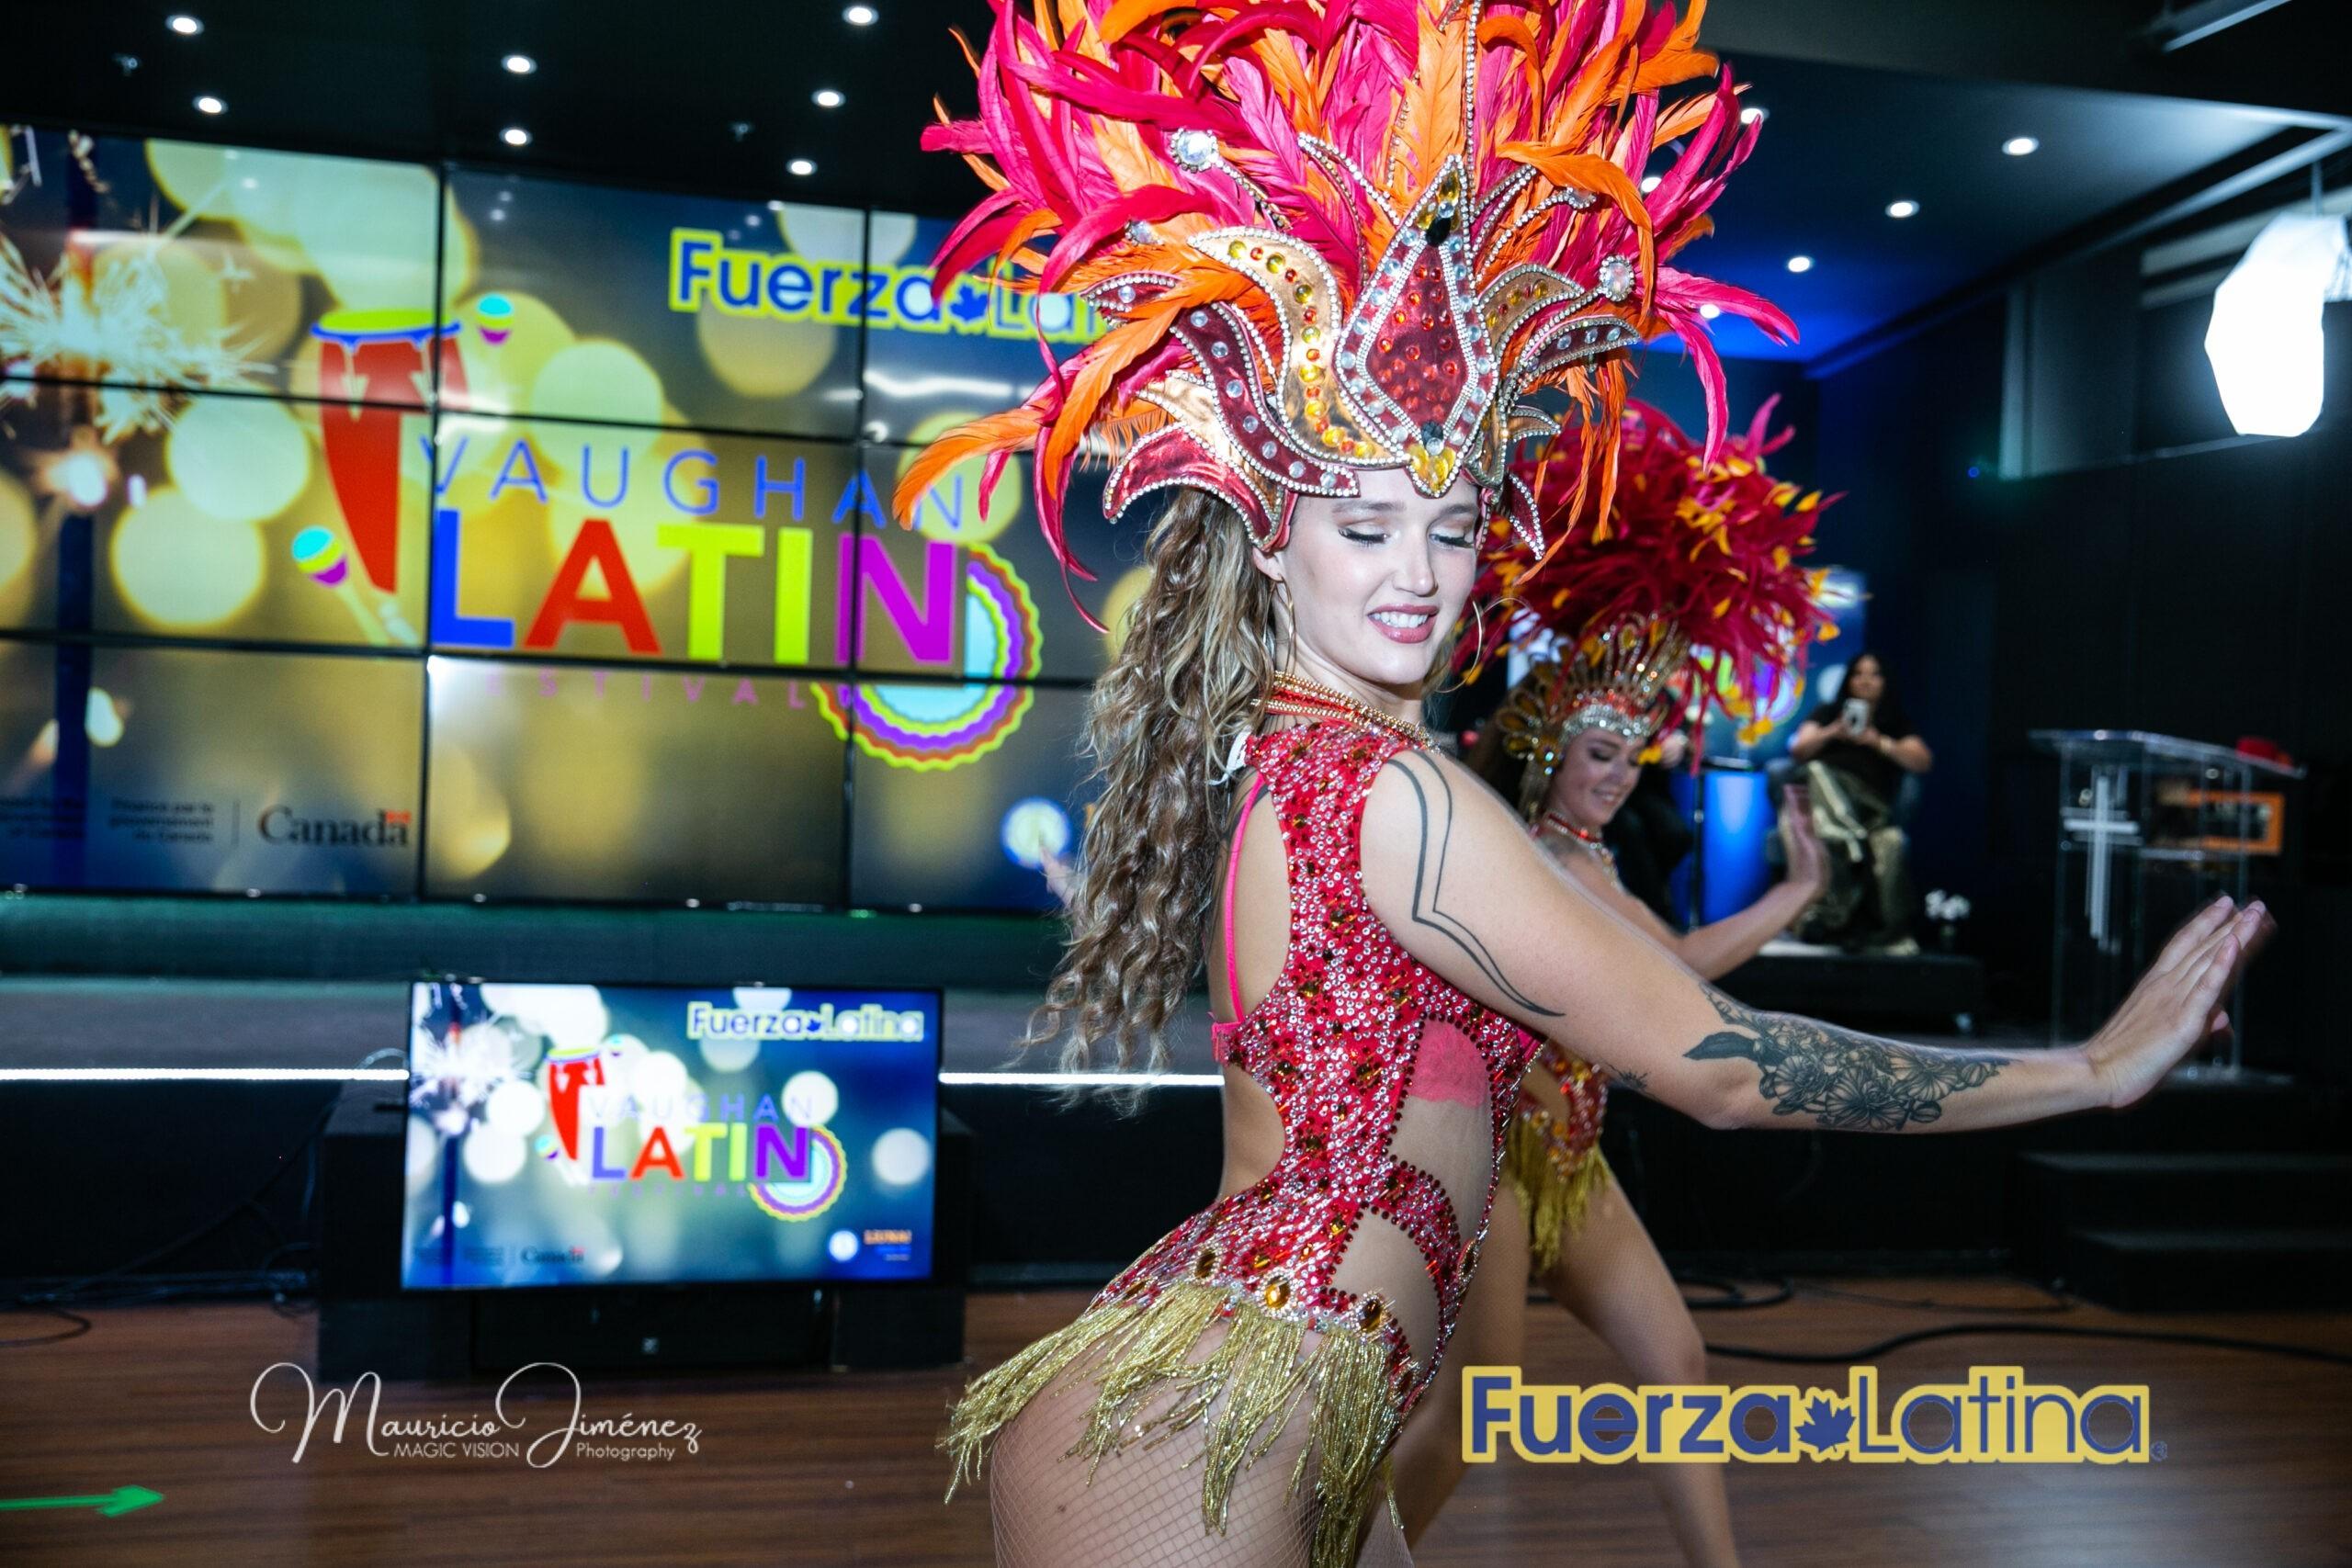 Magic_Vision-Fuerza_Latina-2020-09-19_186